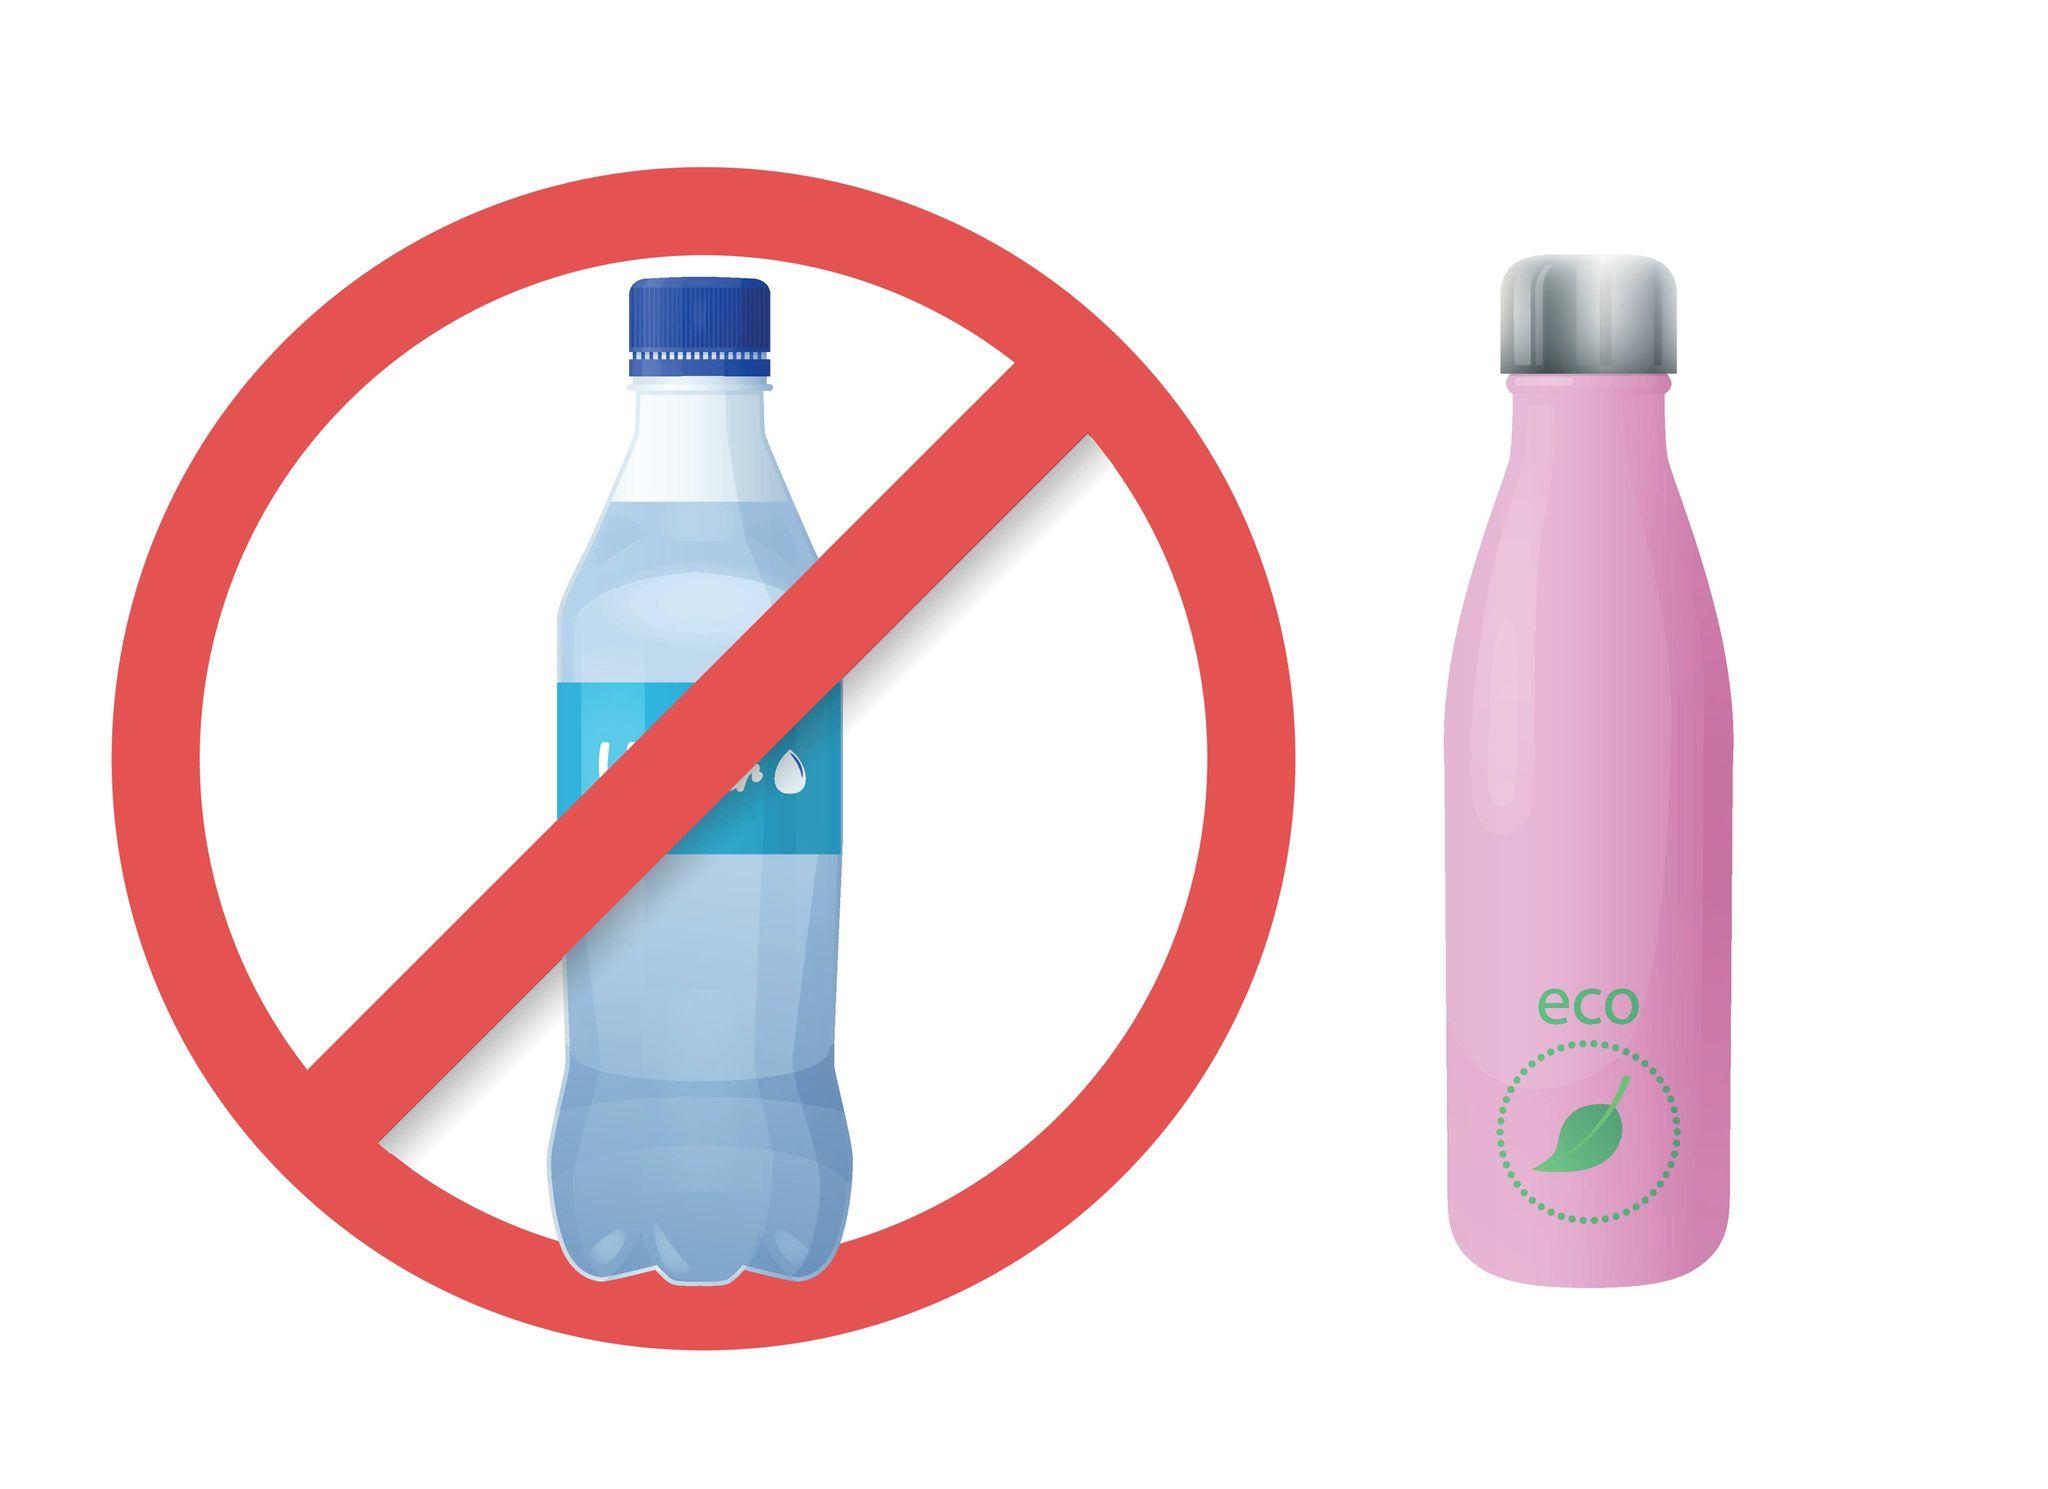 Zéro bouteille plastique pour l'eau : pas si simple !